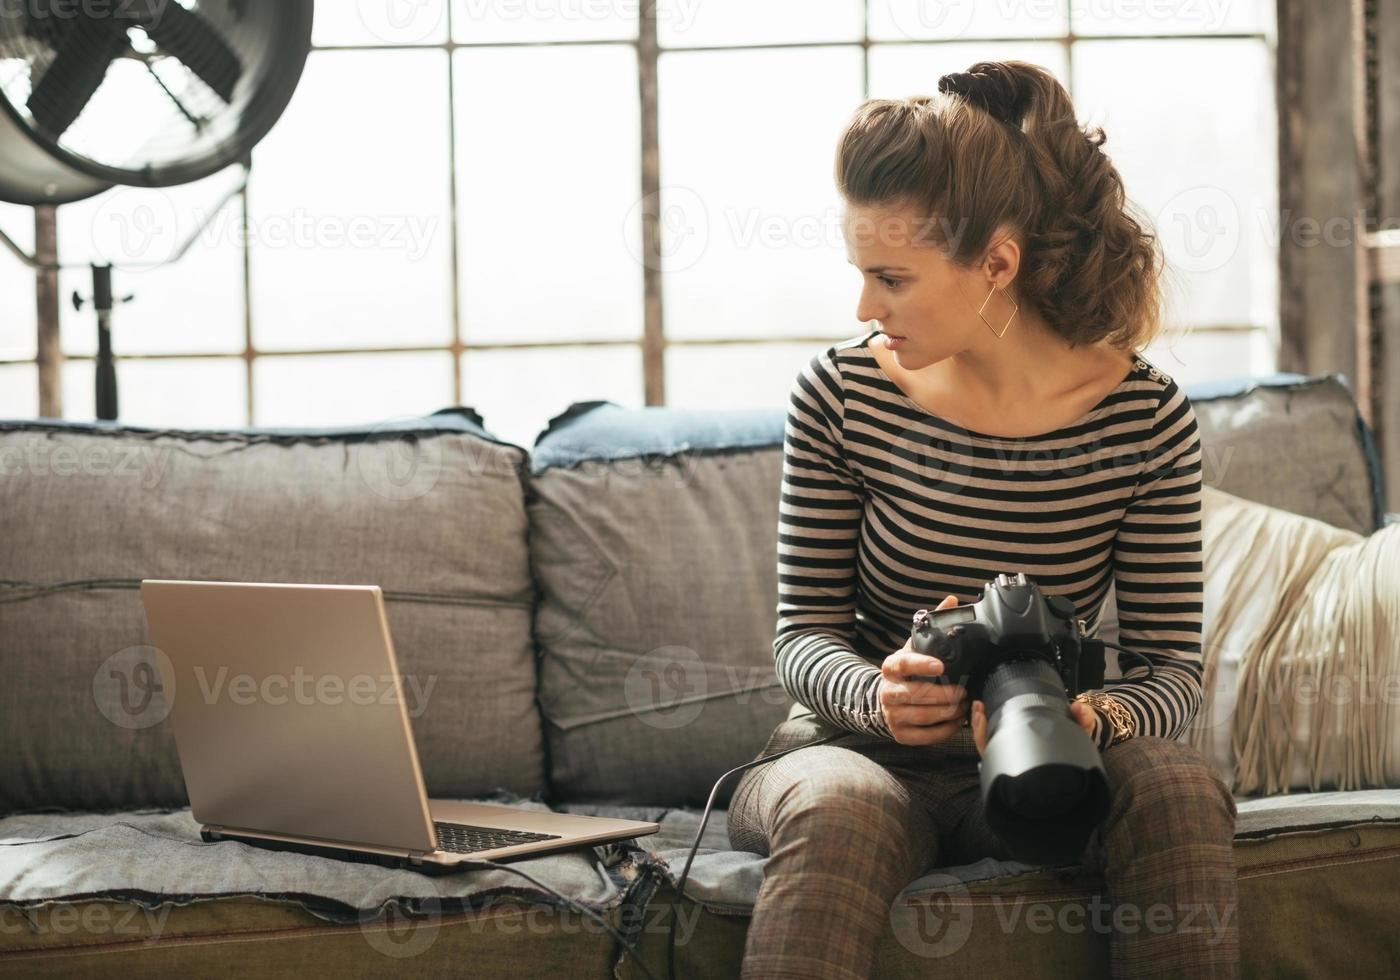 mujer joven con moderna cámara de fotos dslr usando laptop